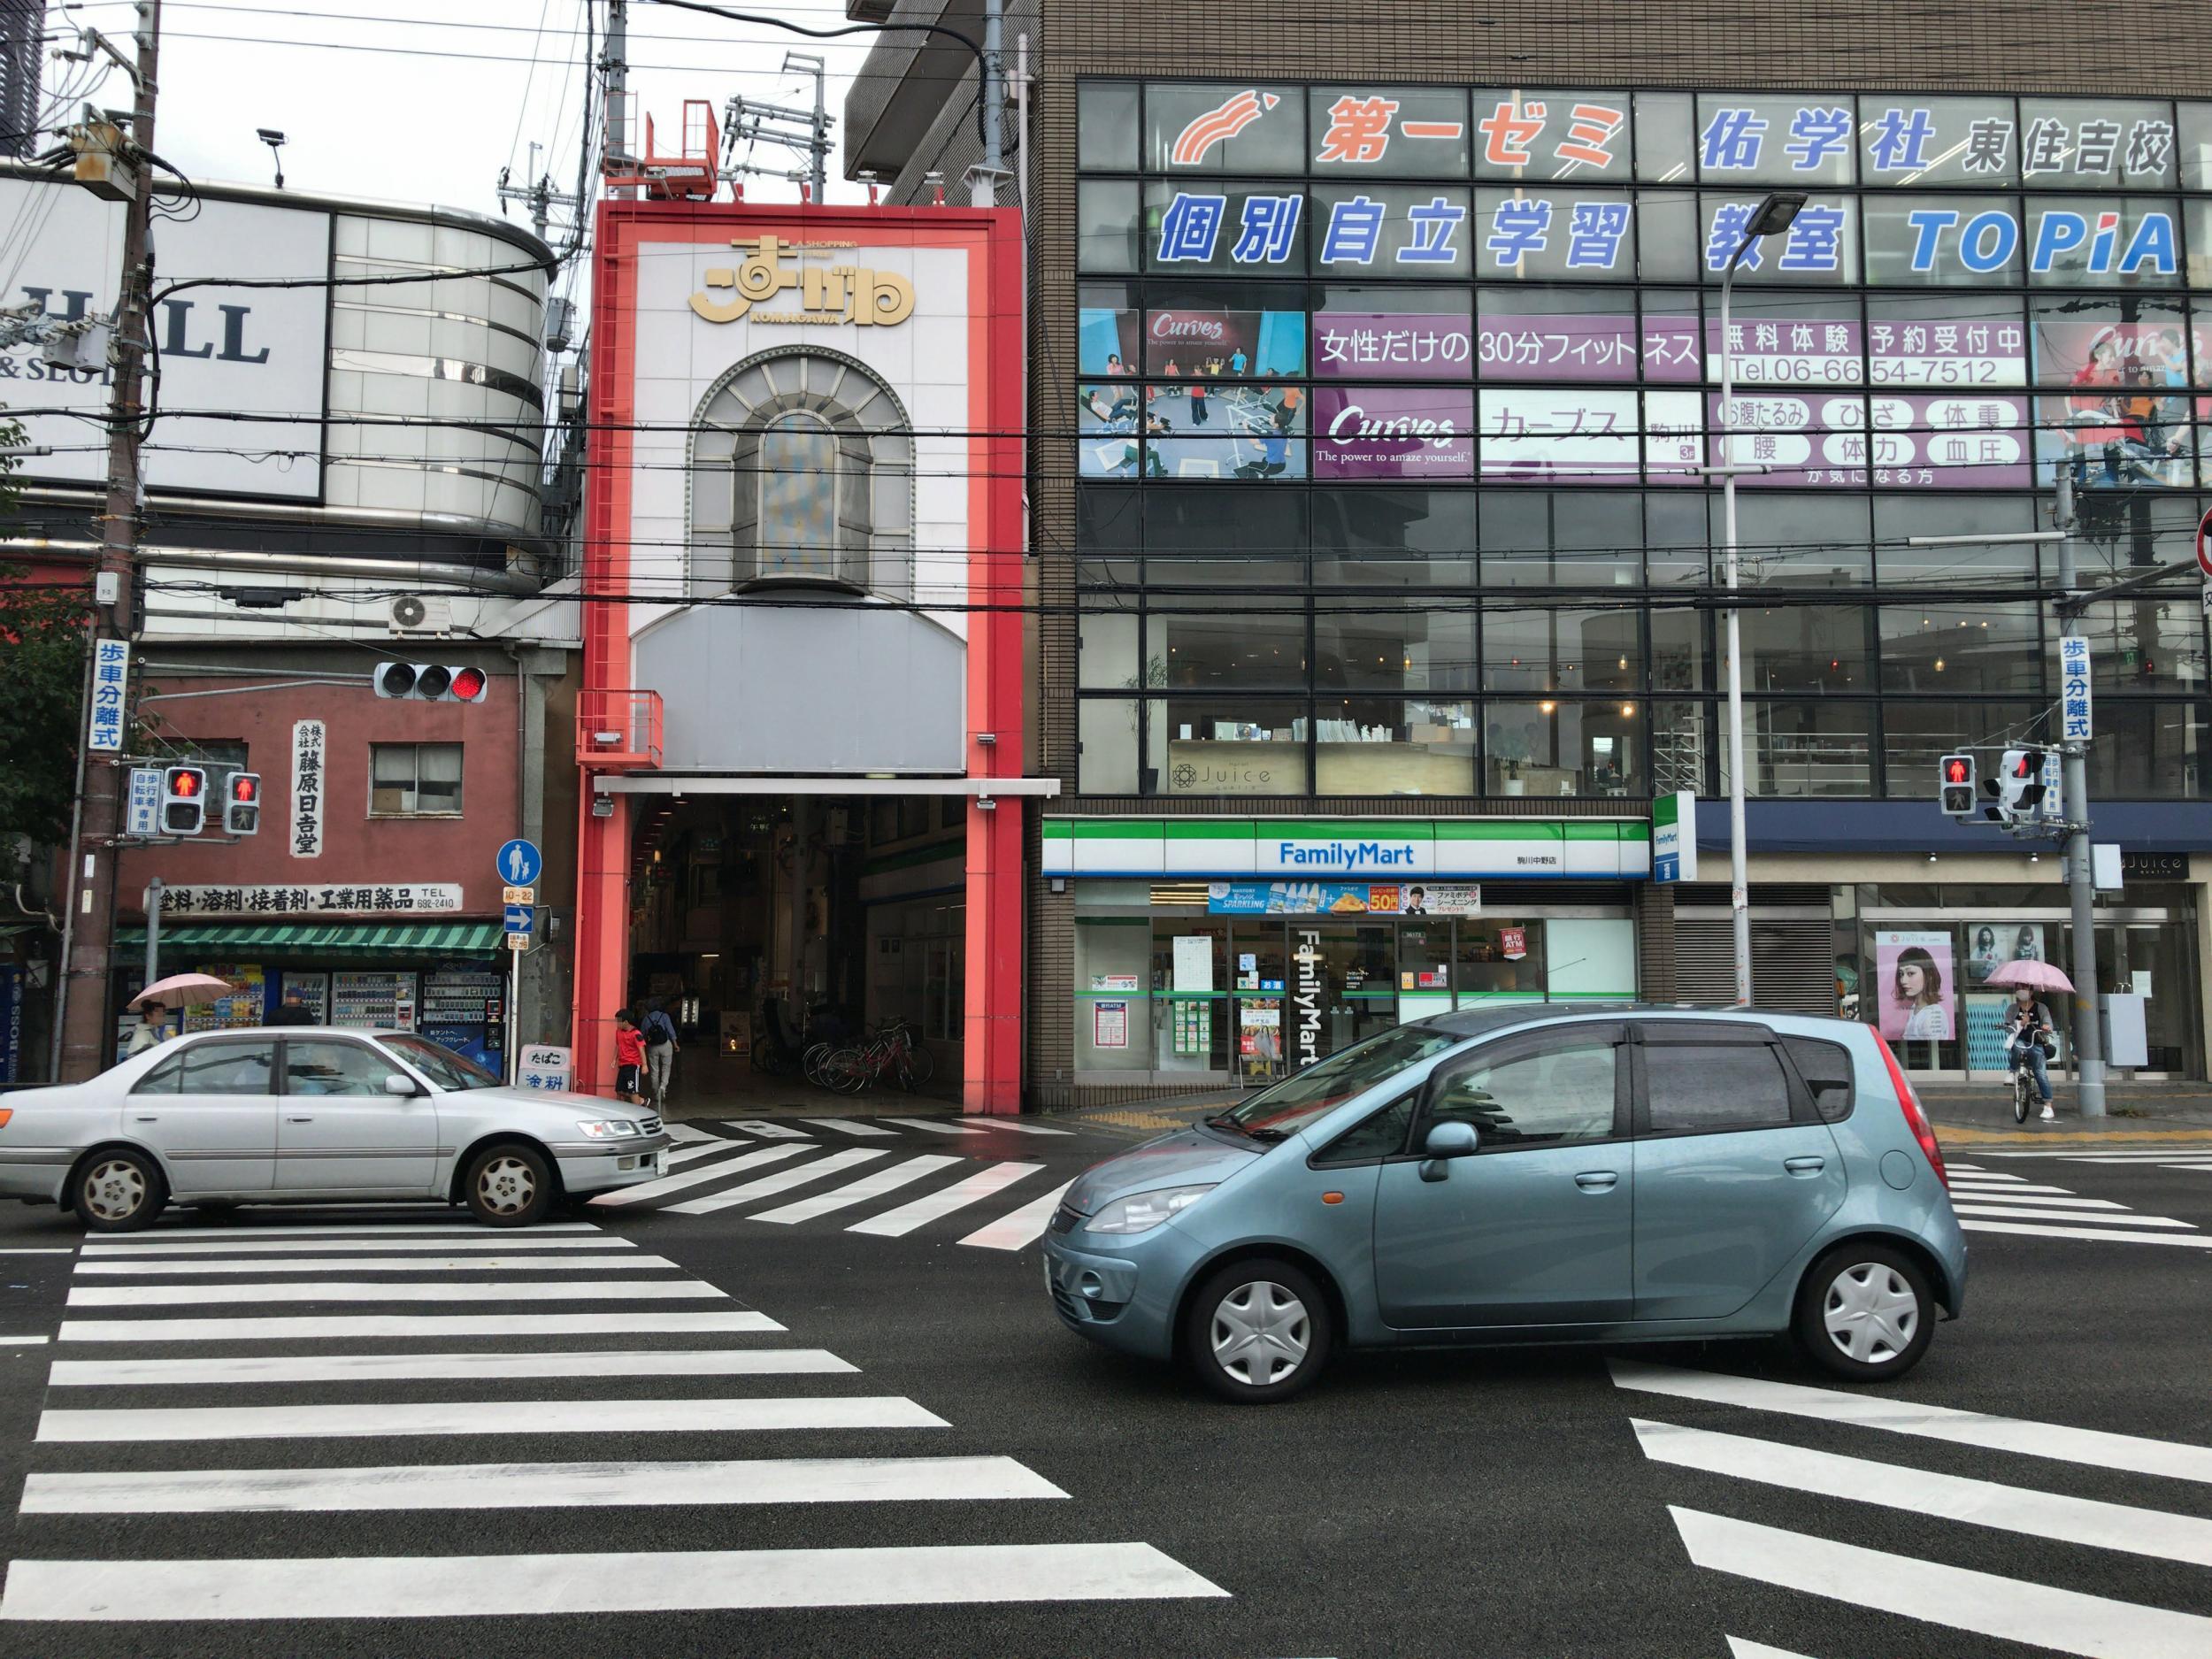 商店 街 駒川 売り切れ御免!お客さん目線で大人気の商店街情報誌「koma」 ~